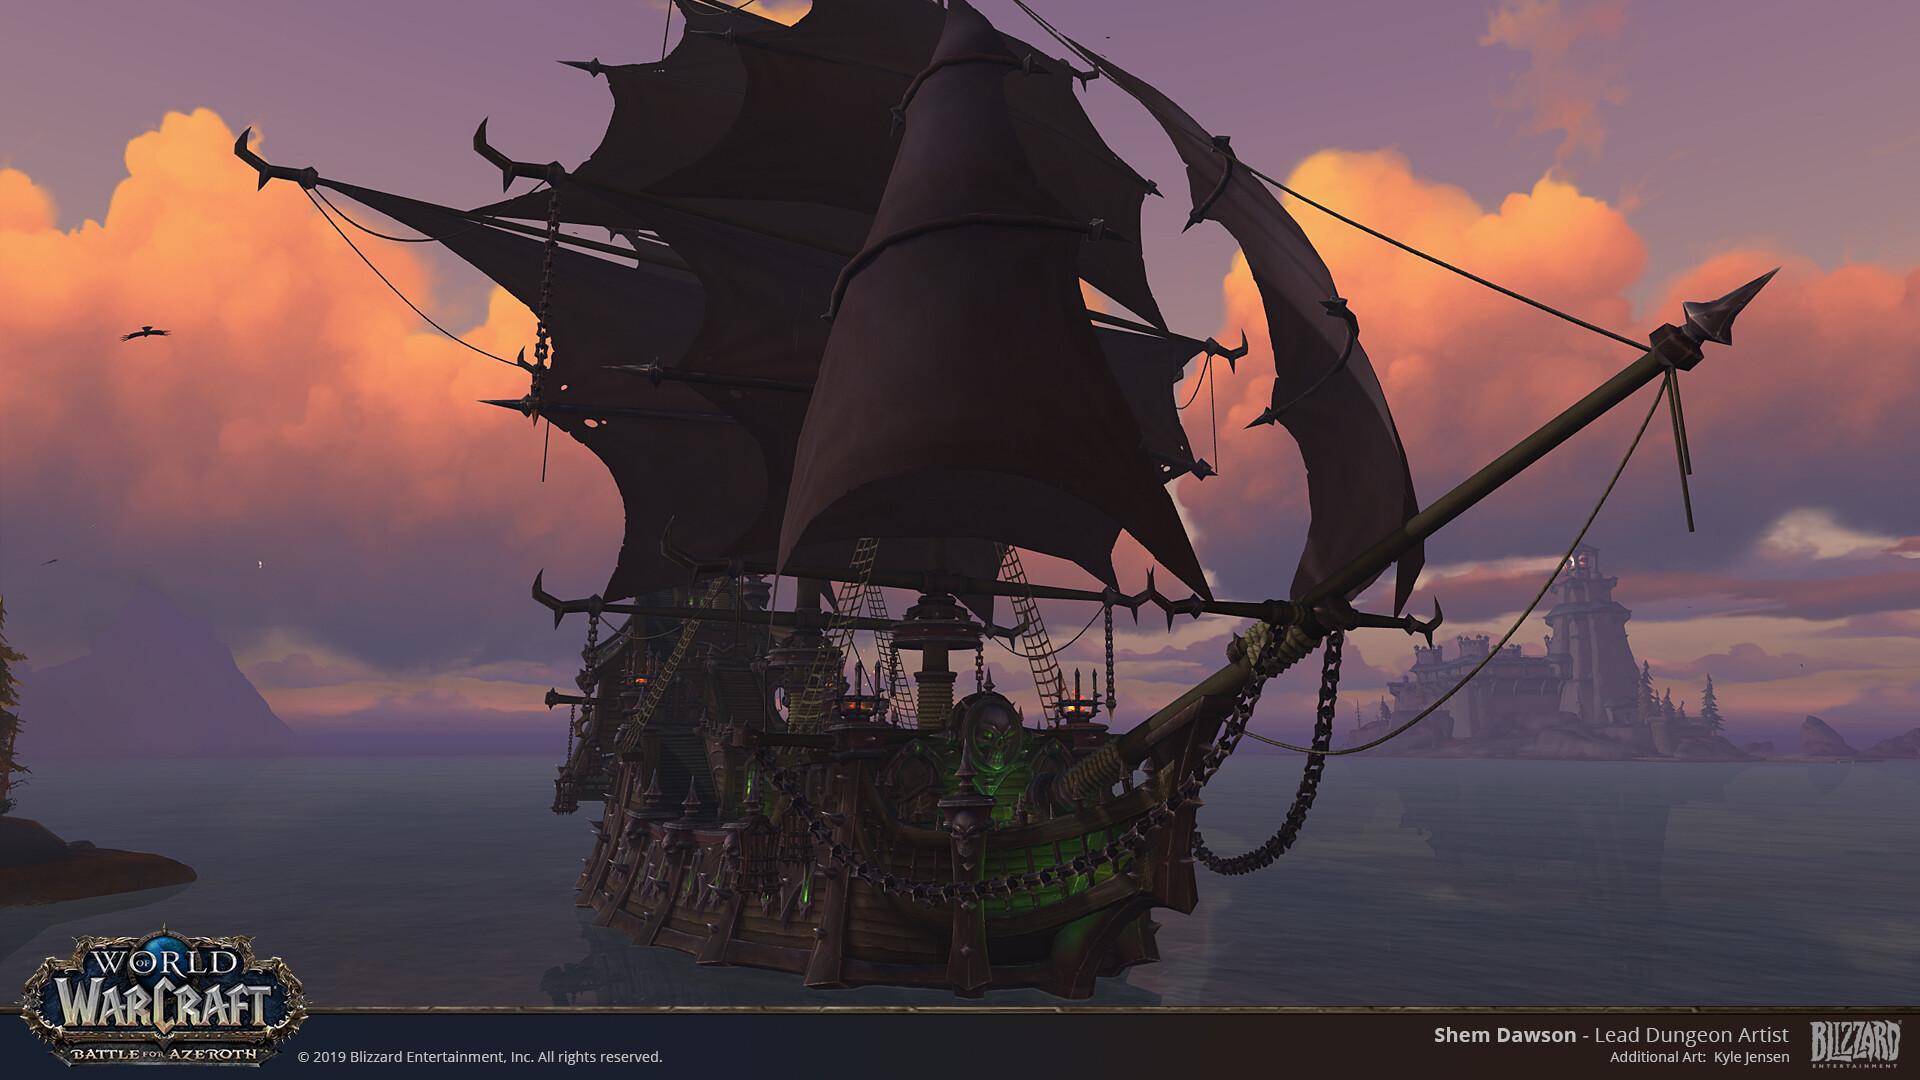 Shem dawson forskaen ship image01